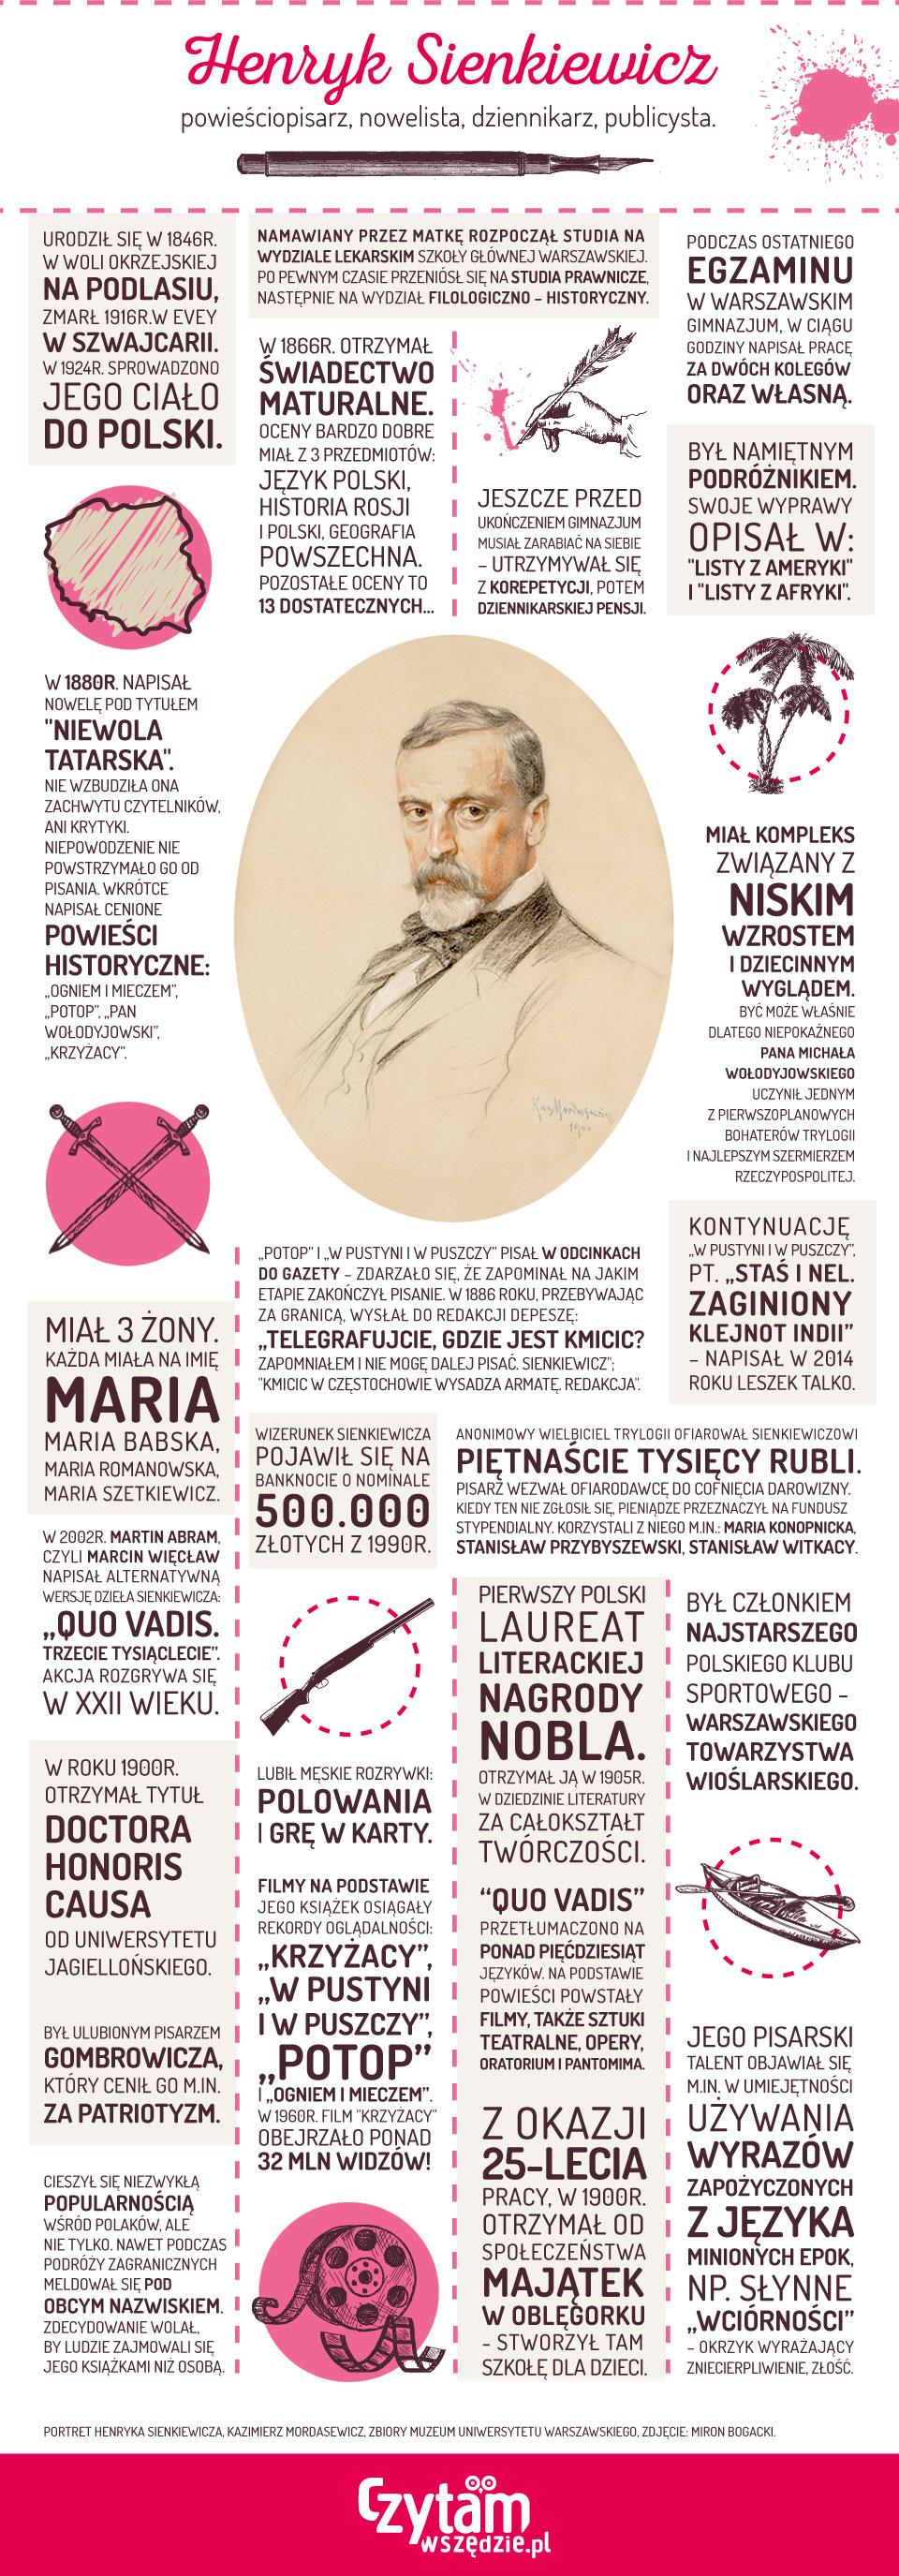 Fakty O Henryku Sienkiewiczu Które Musisz Znać Czytam Wszędzie